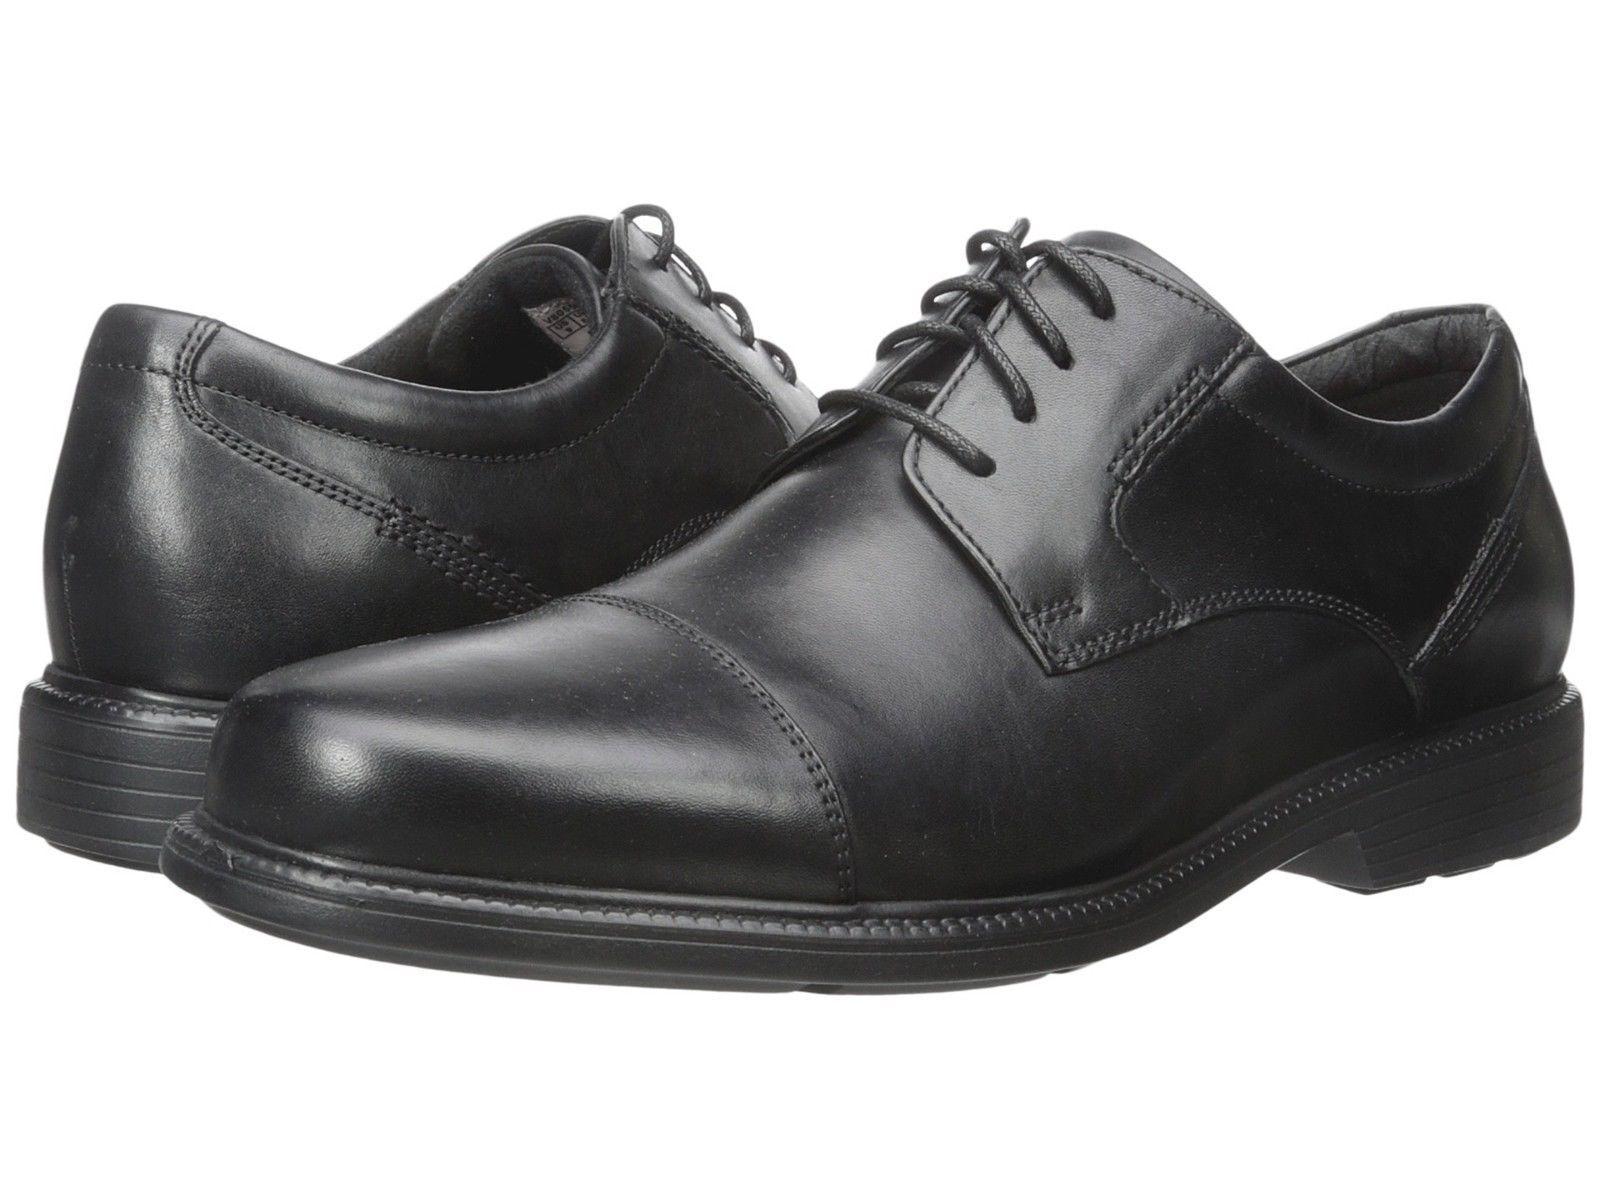 vendendo bene in tutto il mondo Rockport Uomo Charles Road Cap Toe Toe Toe Oxford Dress scarpe V80556  costo effettivo